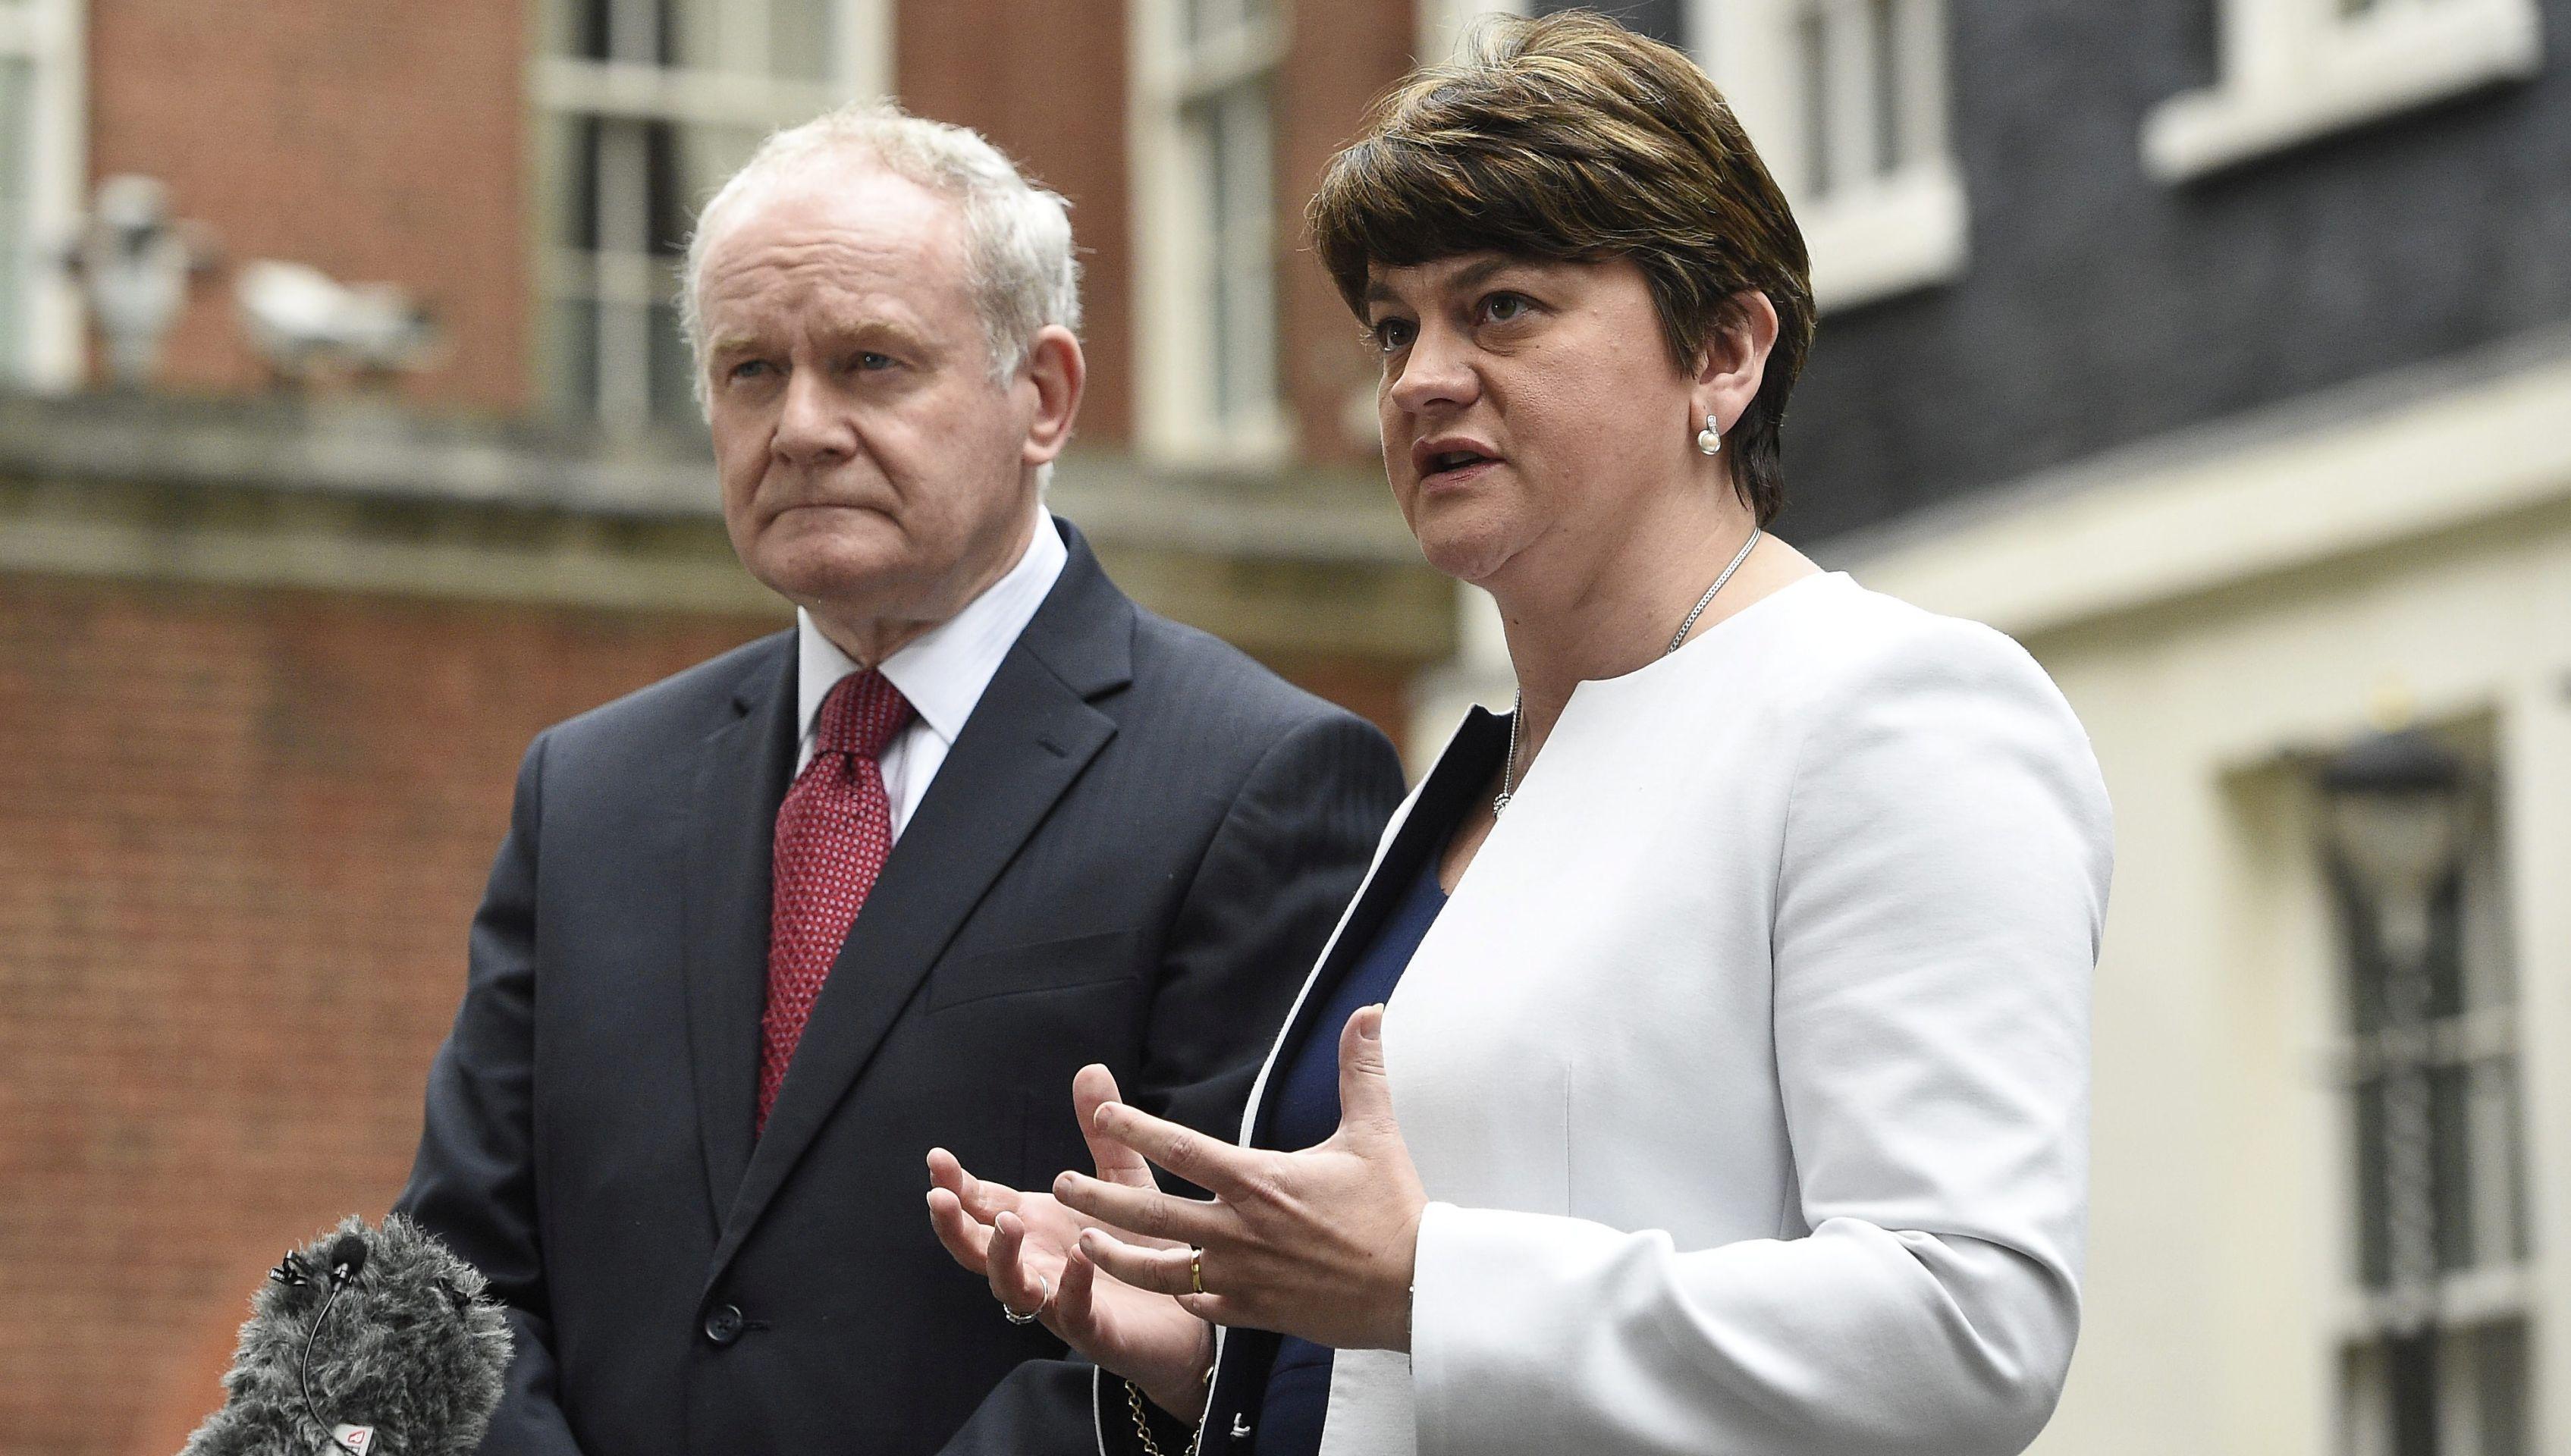 Sinn Fein i unionisti nastavili pregovore o formiranju vlade u Sjevernoj Irskoj